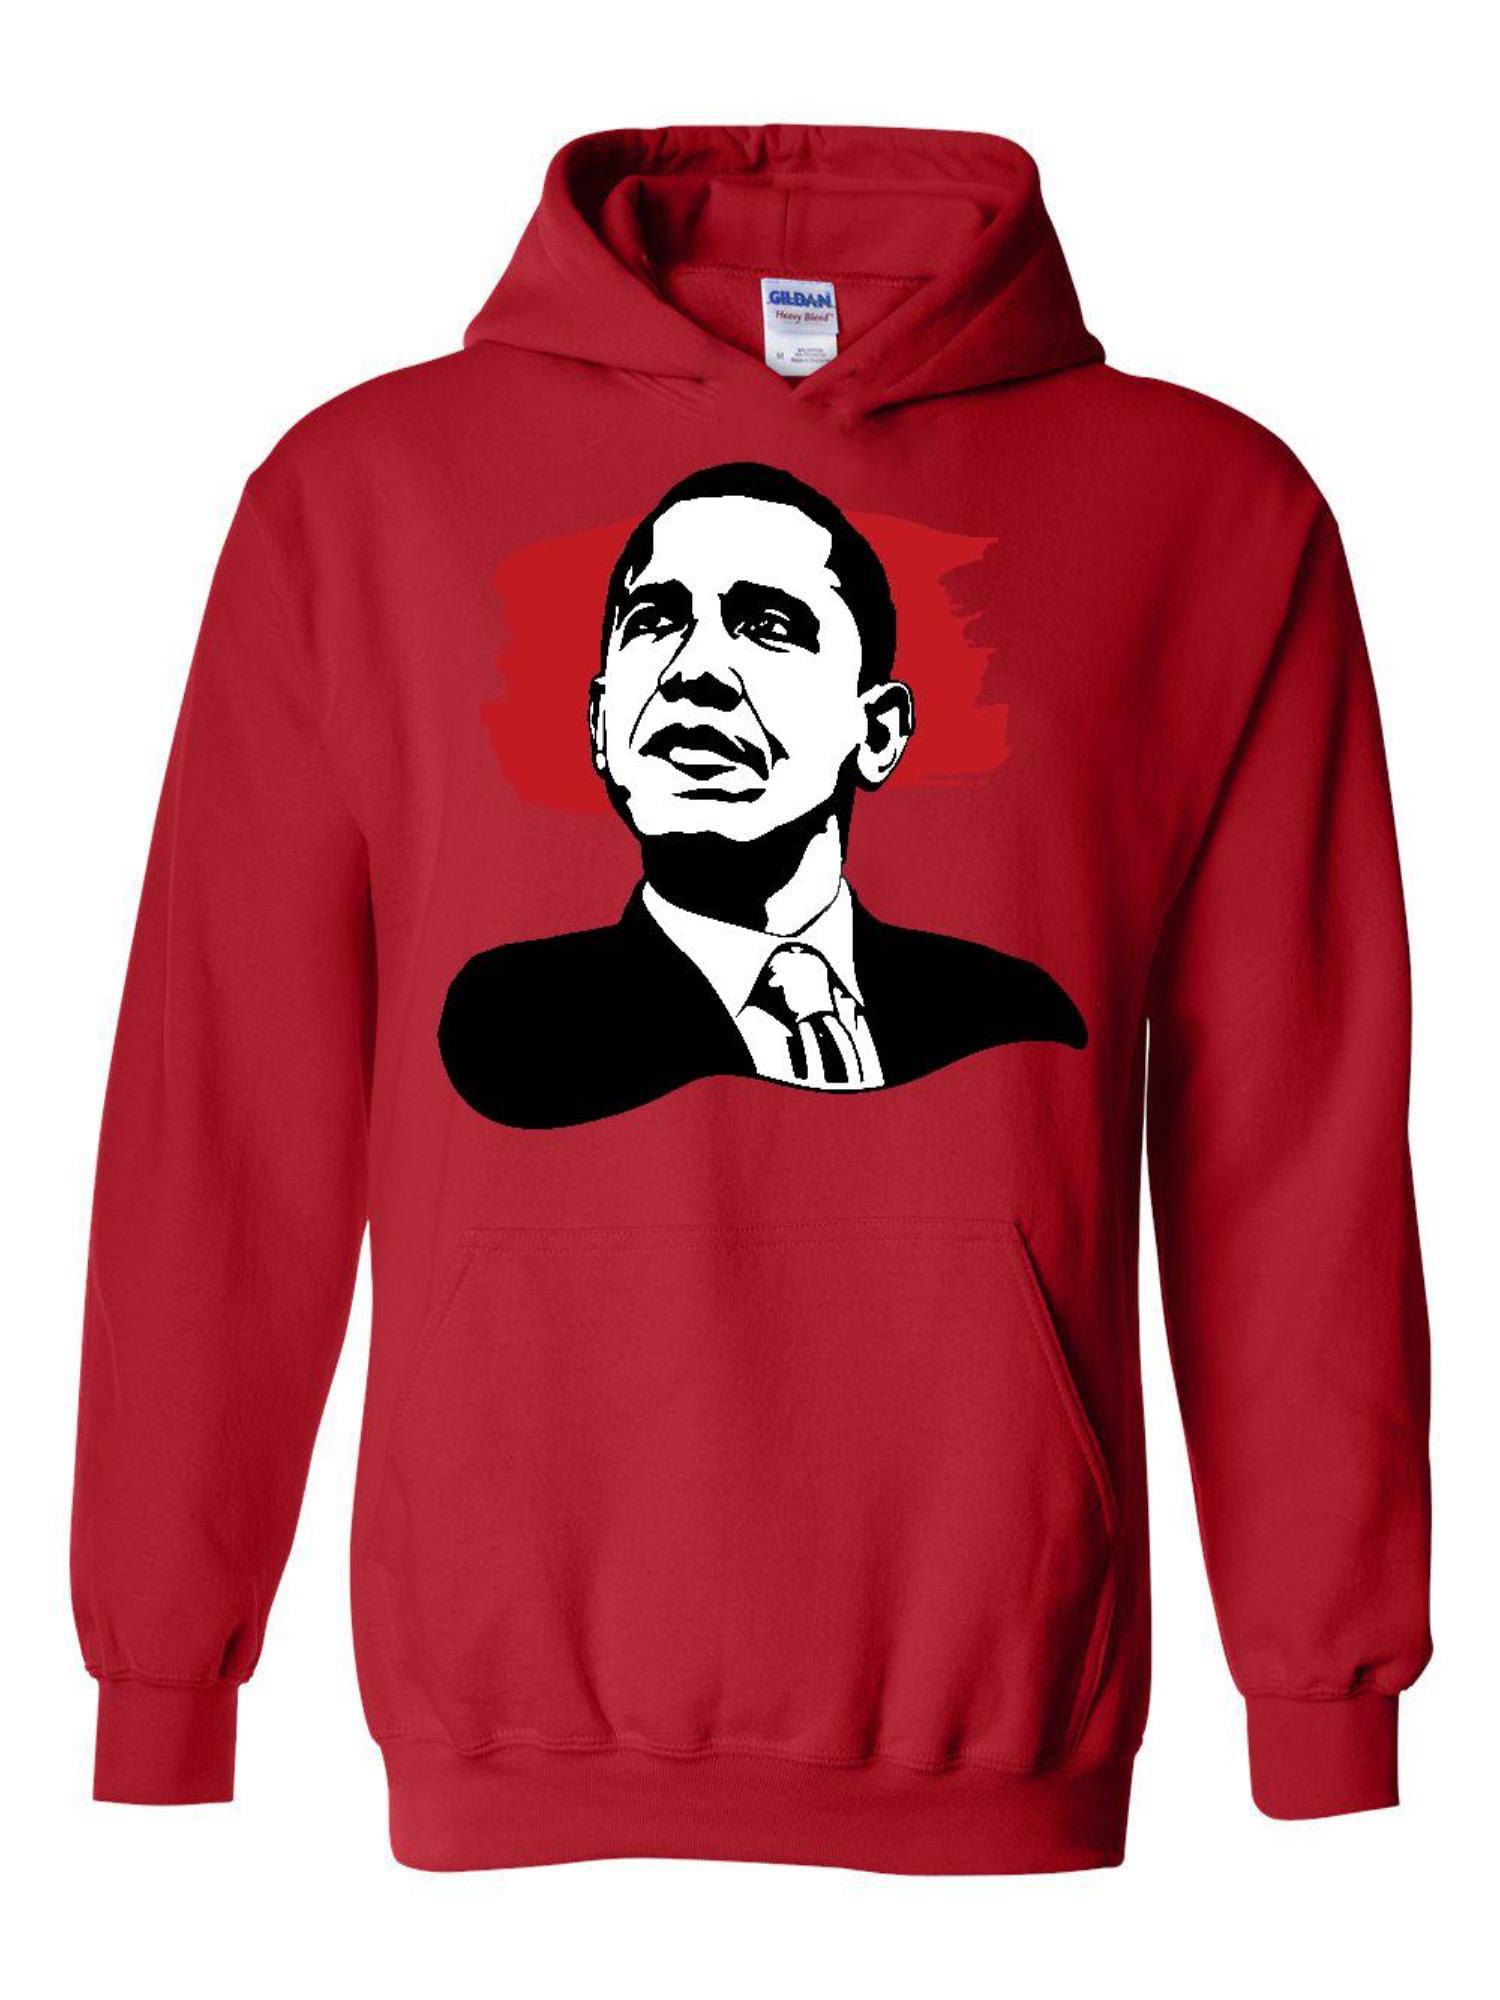 Hood Sweat Shirt,Gun Control Political Gildan Heavy Weight Homeland Security